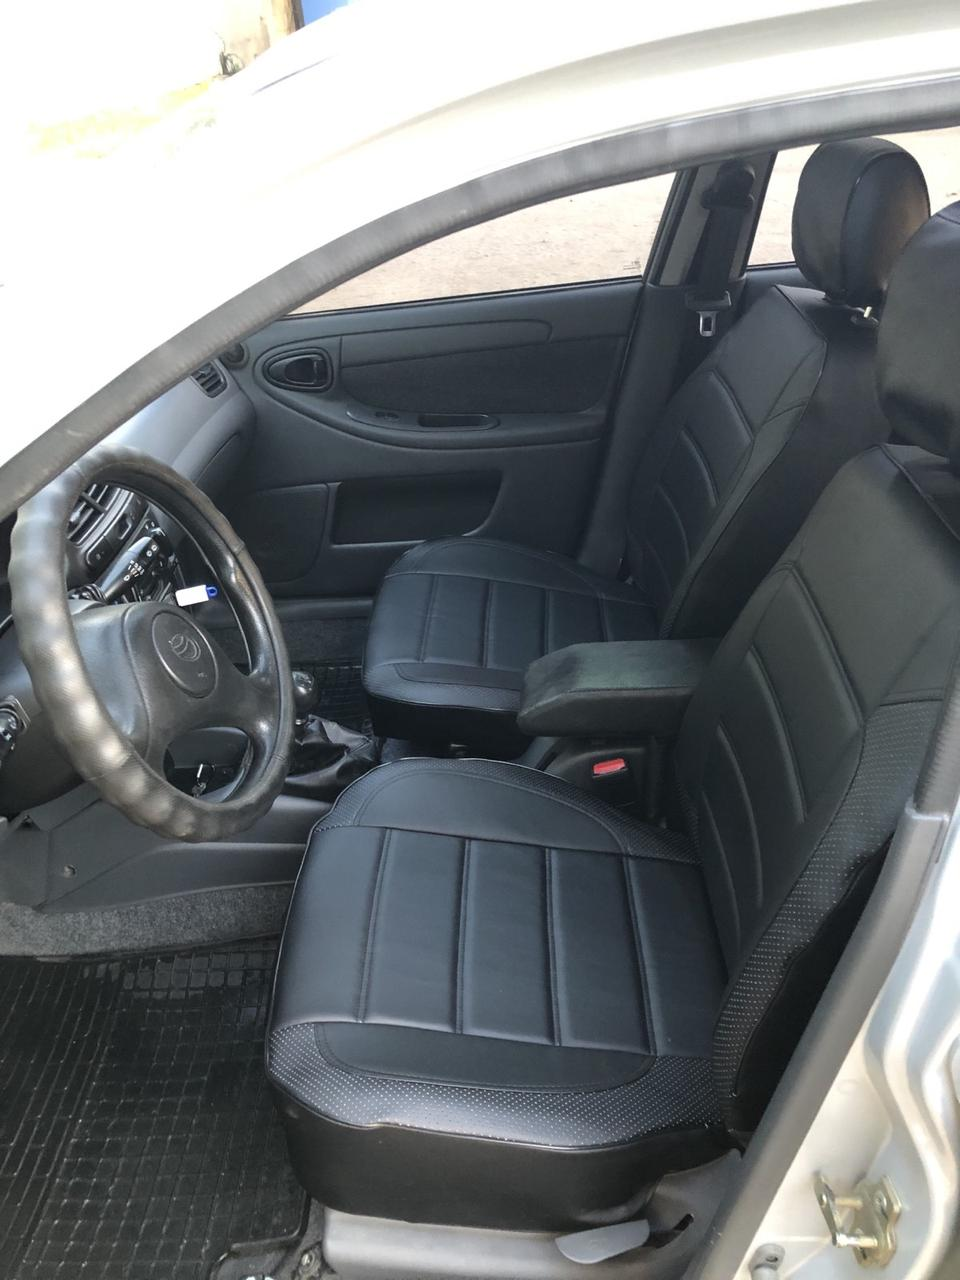 Чехлы на сиденья Субару Легаси (Subaru Legacy) модельные MAX-L из экокожи Черный